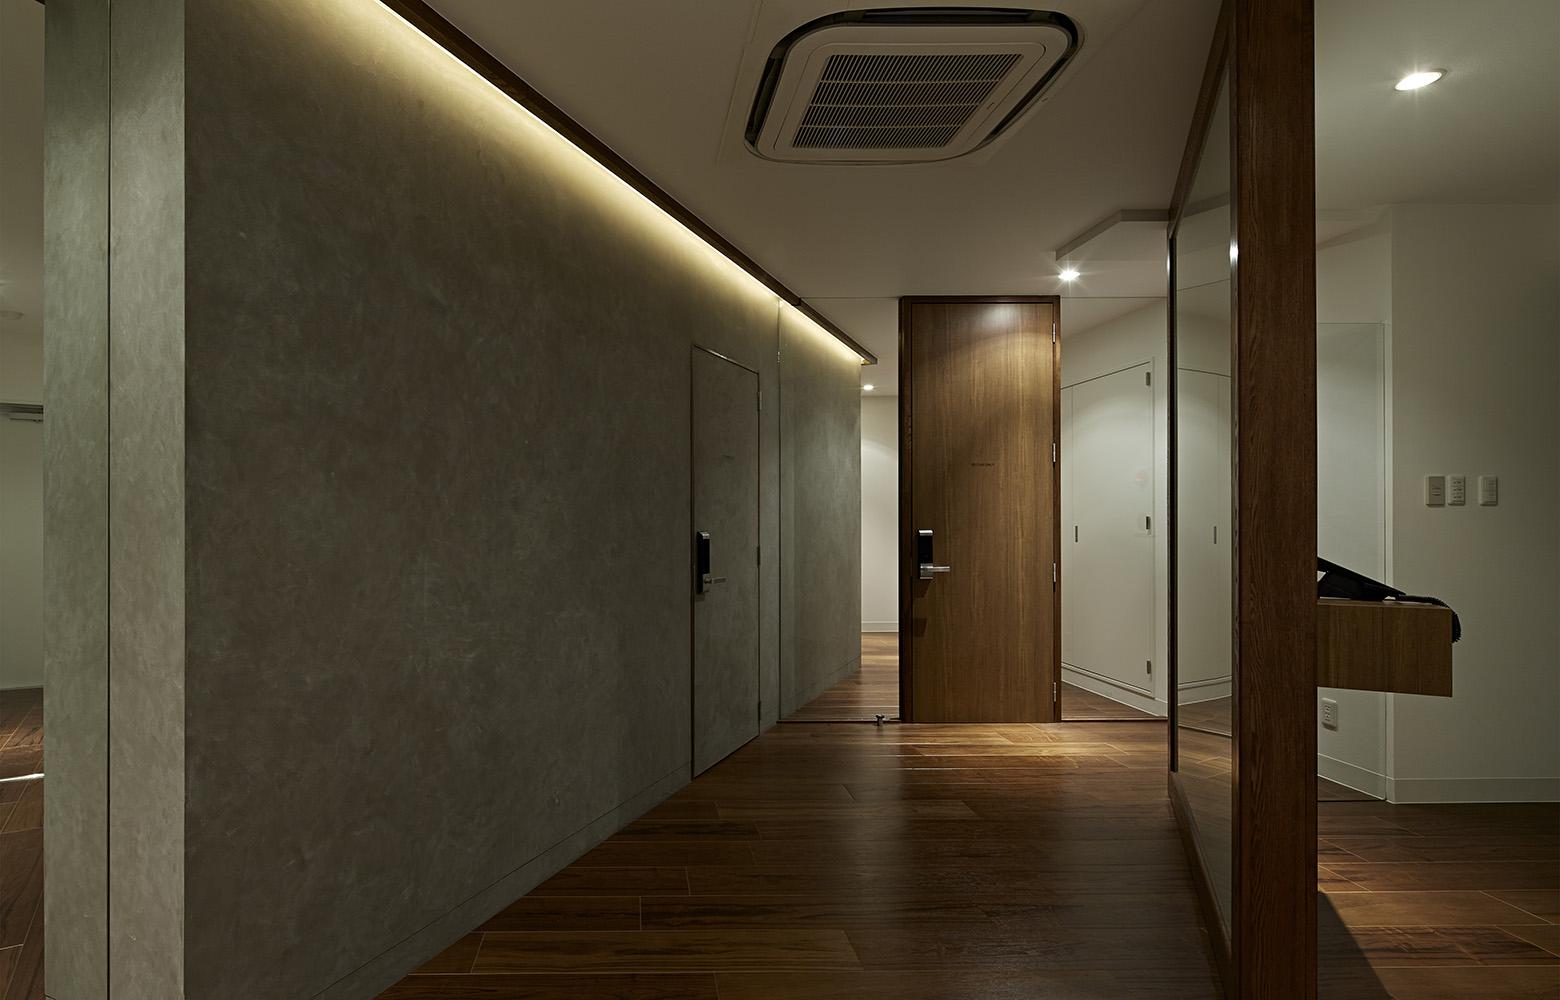 株式会社ギフト Corridor デザイン・レイアウト事例